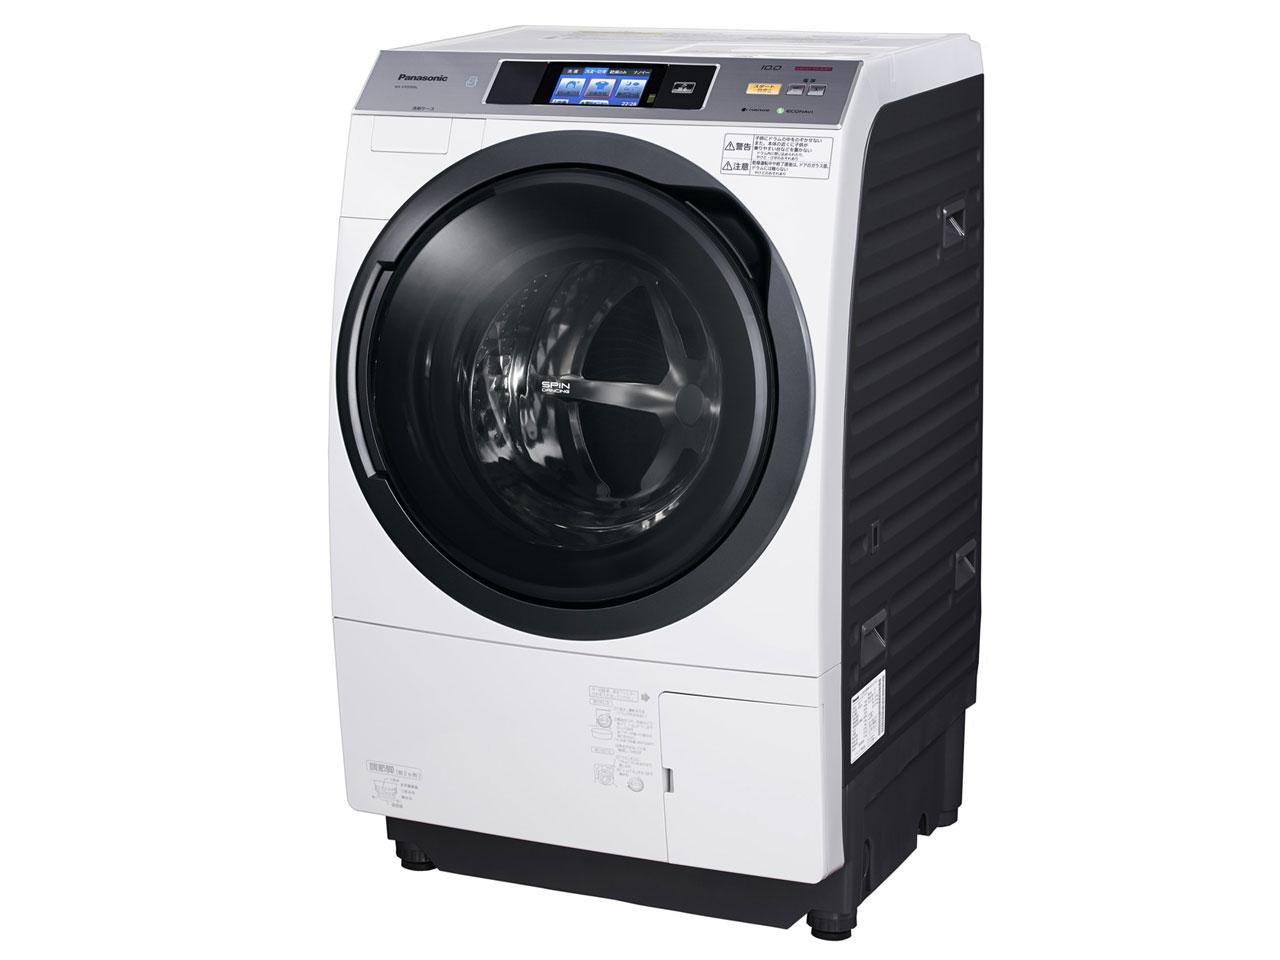 Máy giặt Panasonic NA-VX9300 Màn Hình LCD Cảm Ứng, giặt nước nóng, sấy khô  - Hàng Nhật Bãi 123